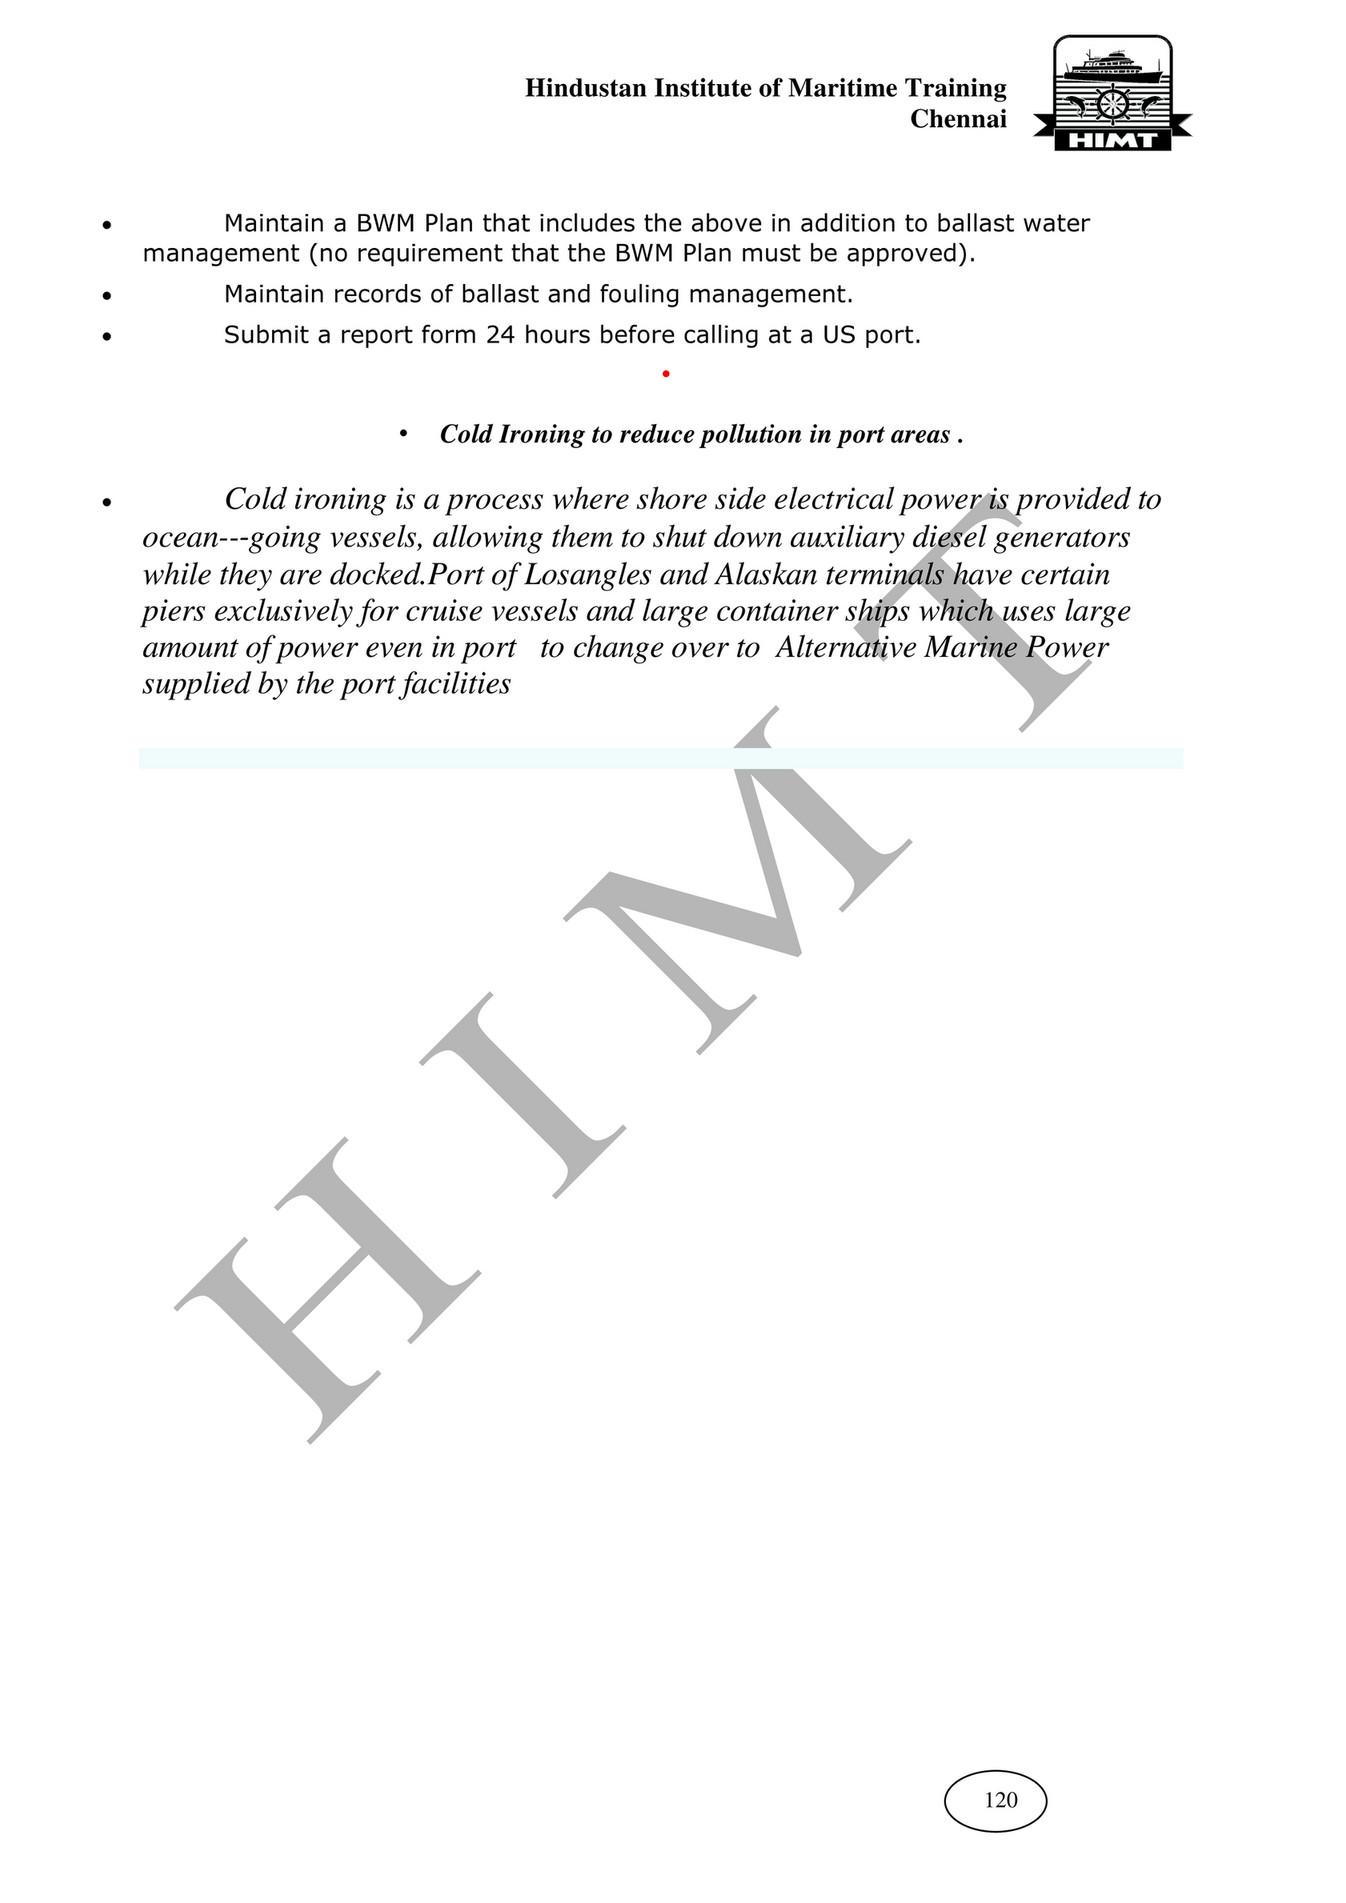 HIMT-APS HANDOUT - Page 120-121 - Created with Publitas.com